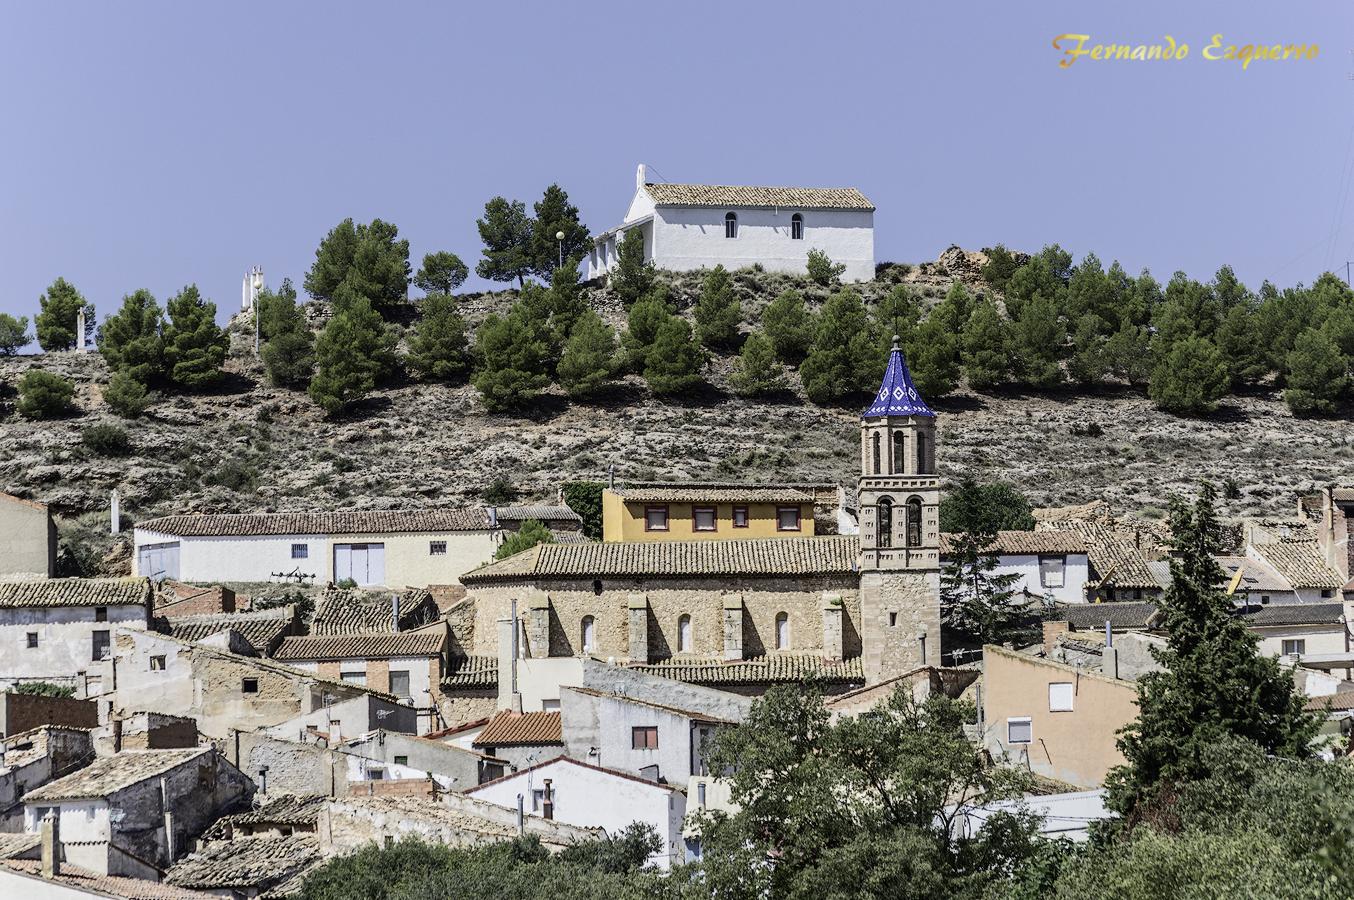 Ermita de las Nieves e Iglesia de Nuestra Señora la Mayor